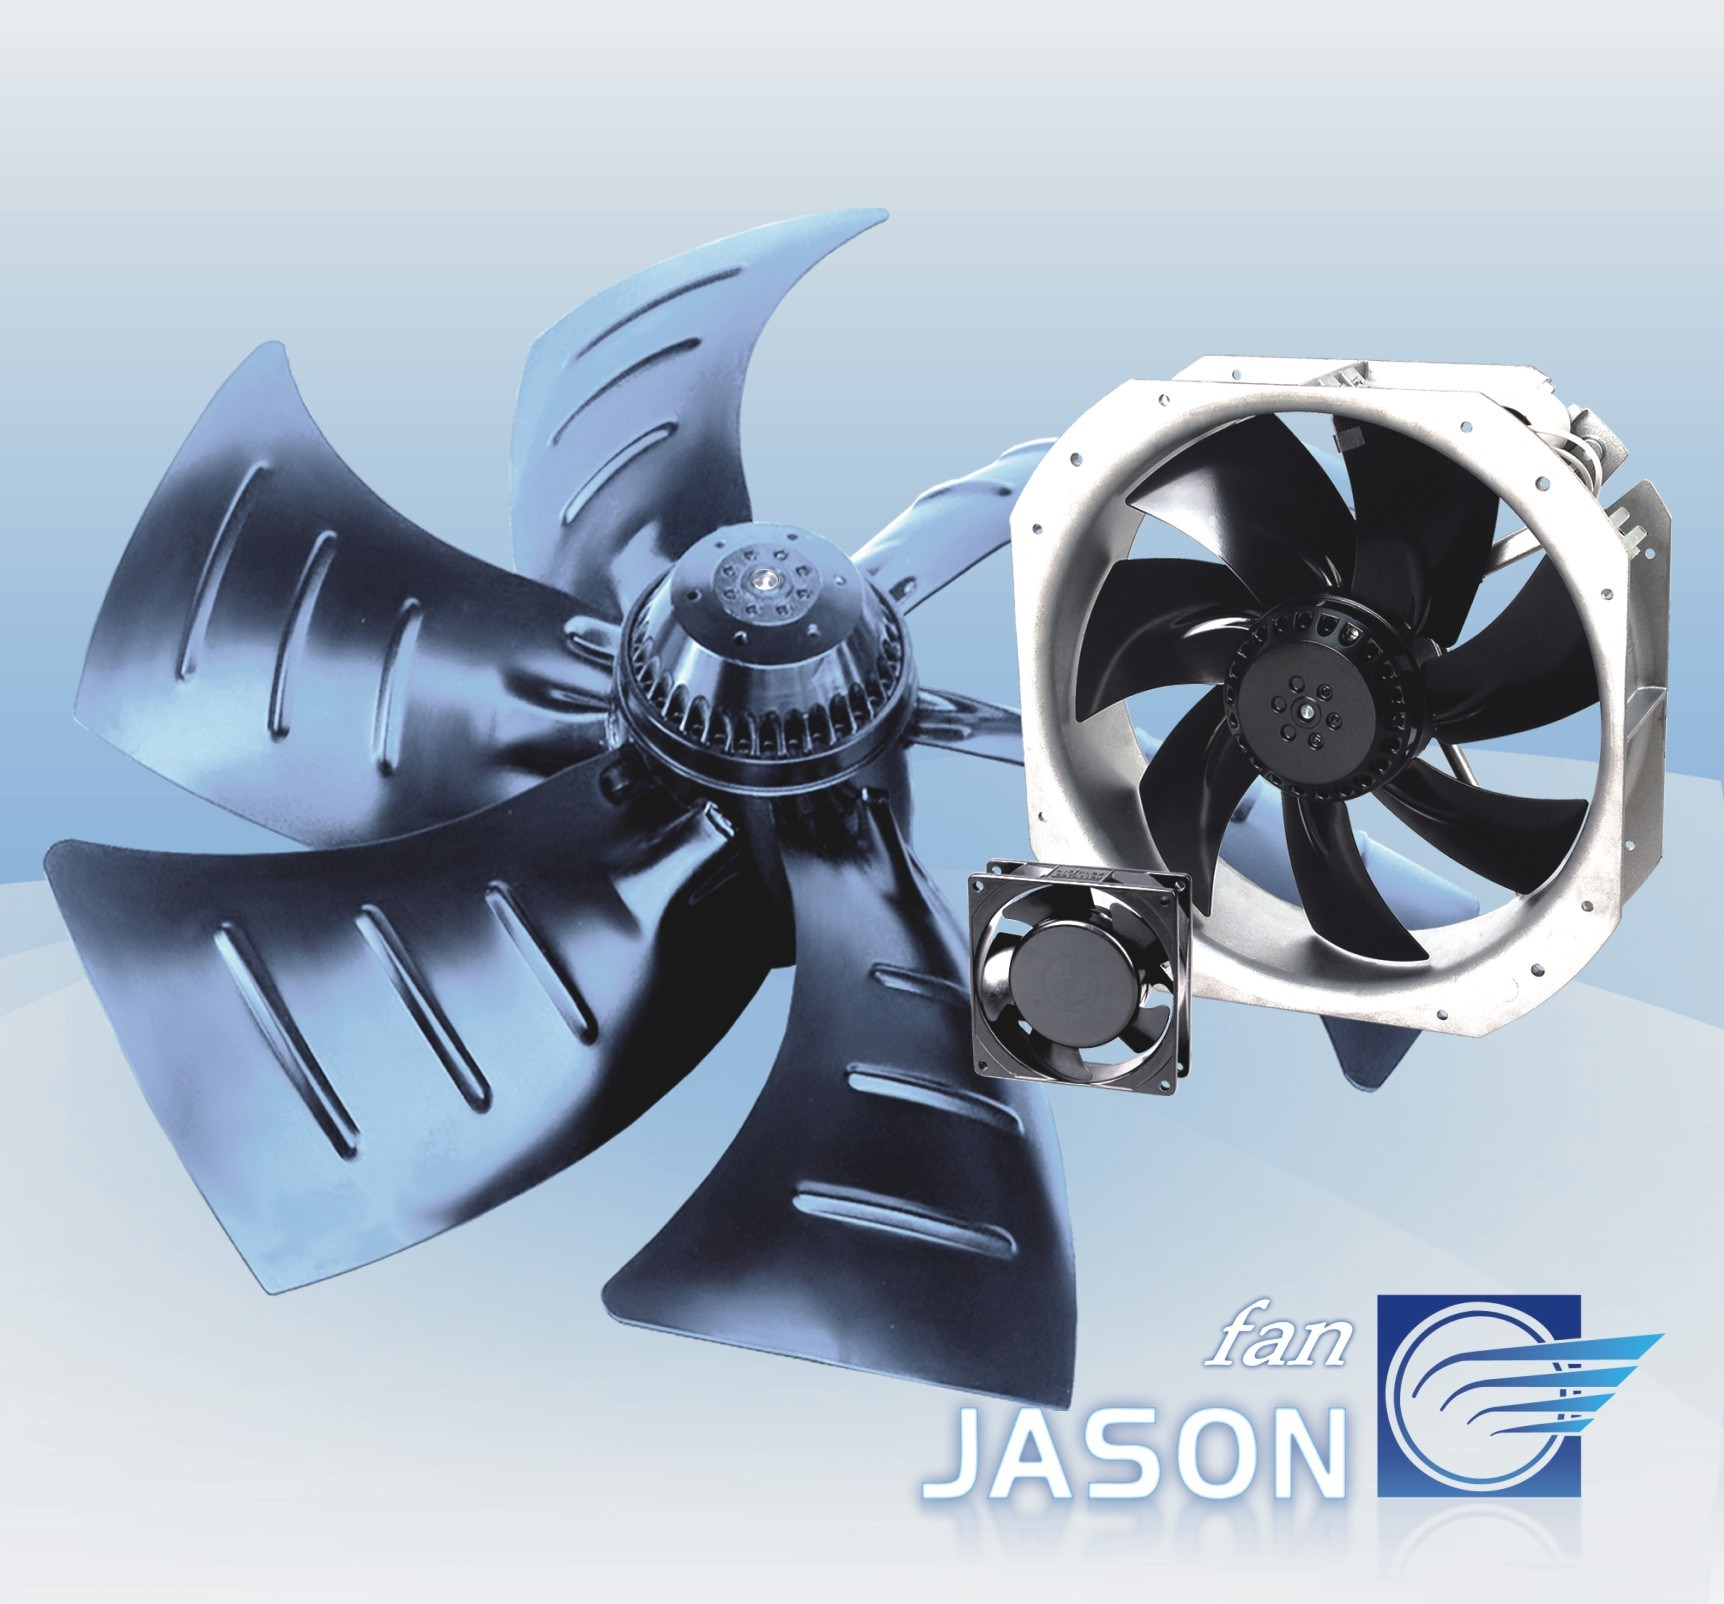 Axial Fan vs Centrifugal Fan 圖片標題: … fan axial fan  #2F6C9C